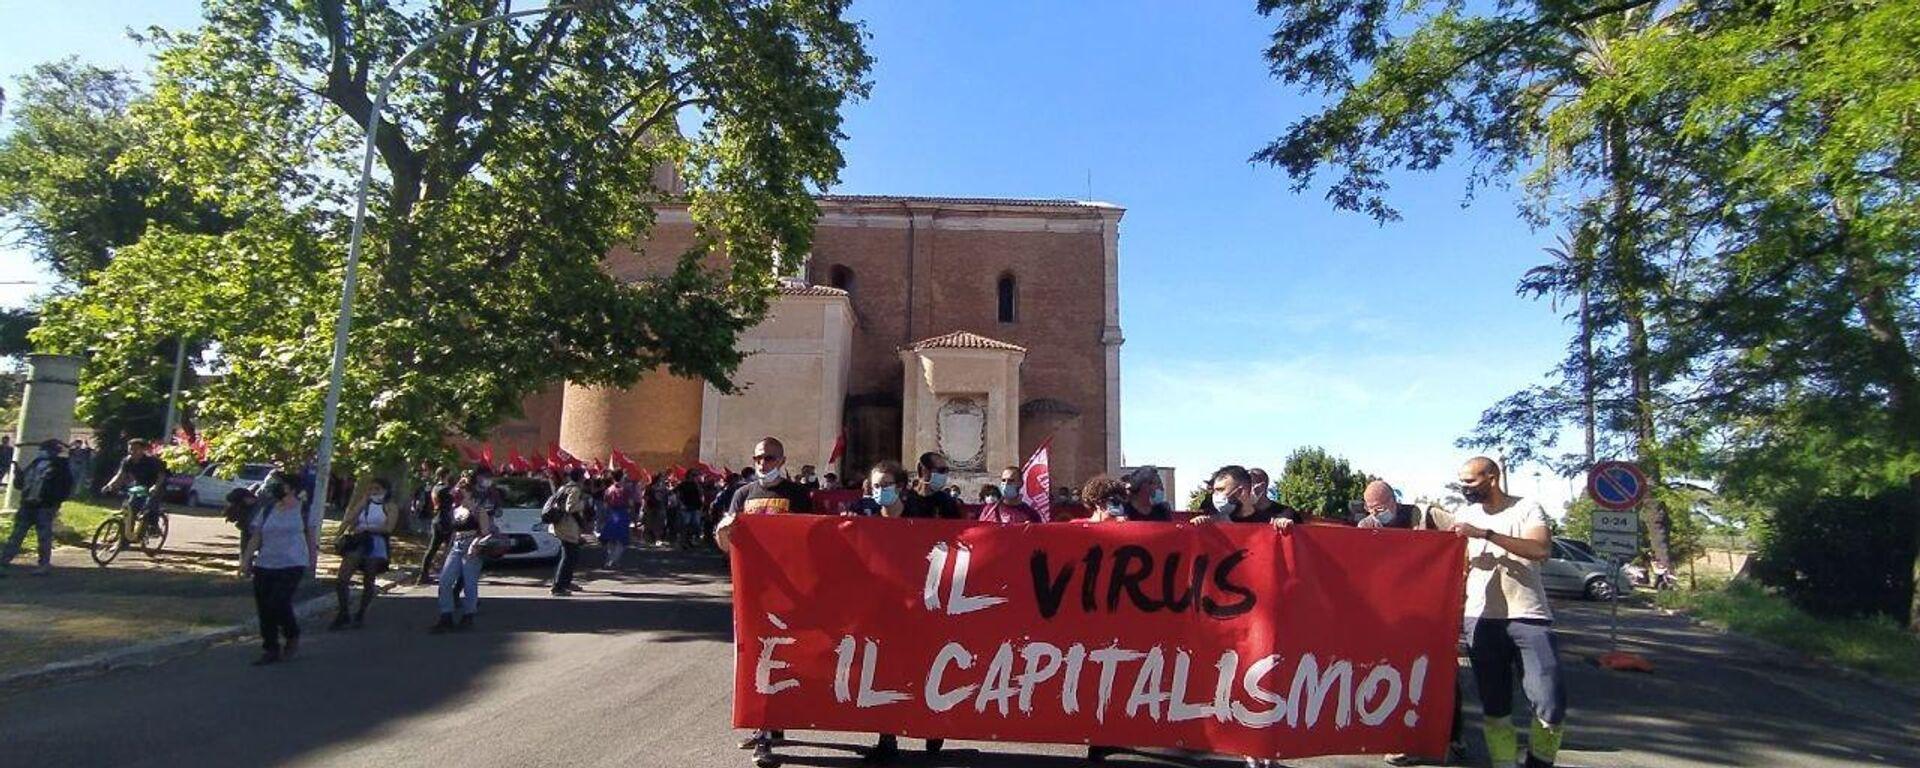 La manifestazione del 21 maggio - Sputnik Italia, 1920, 22.05.2021